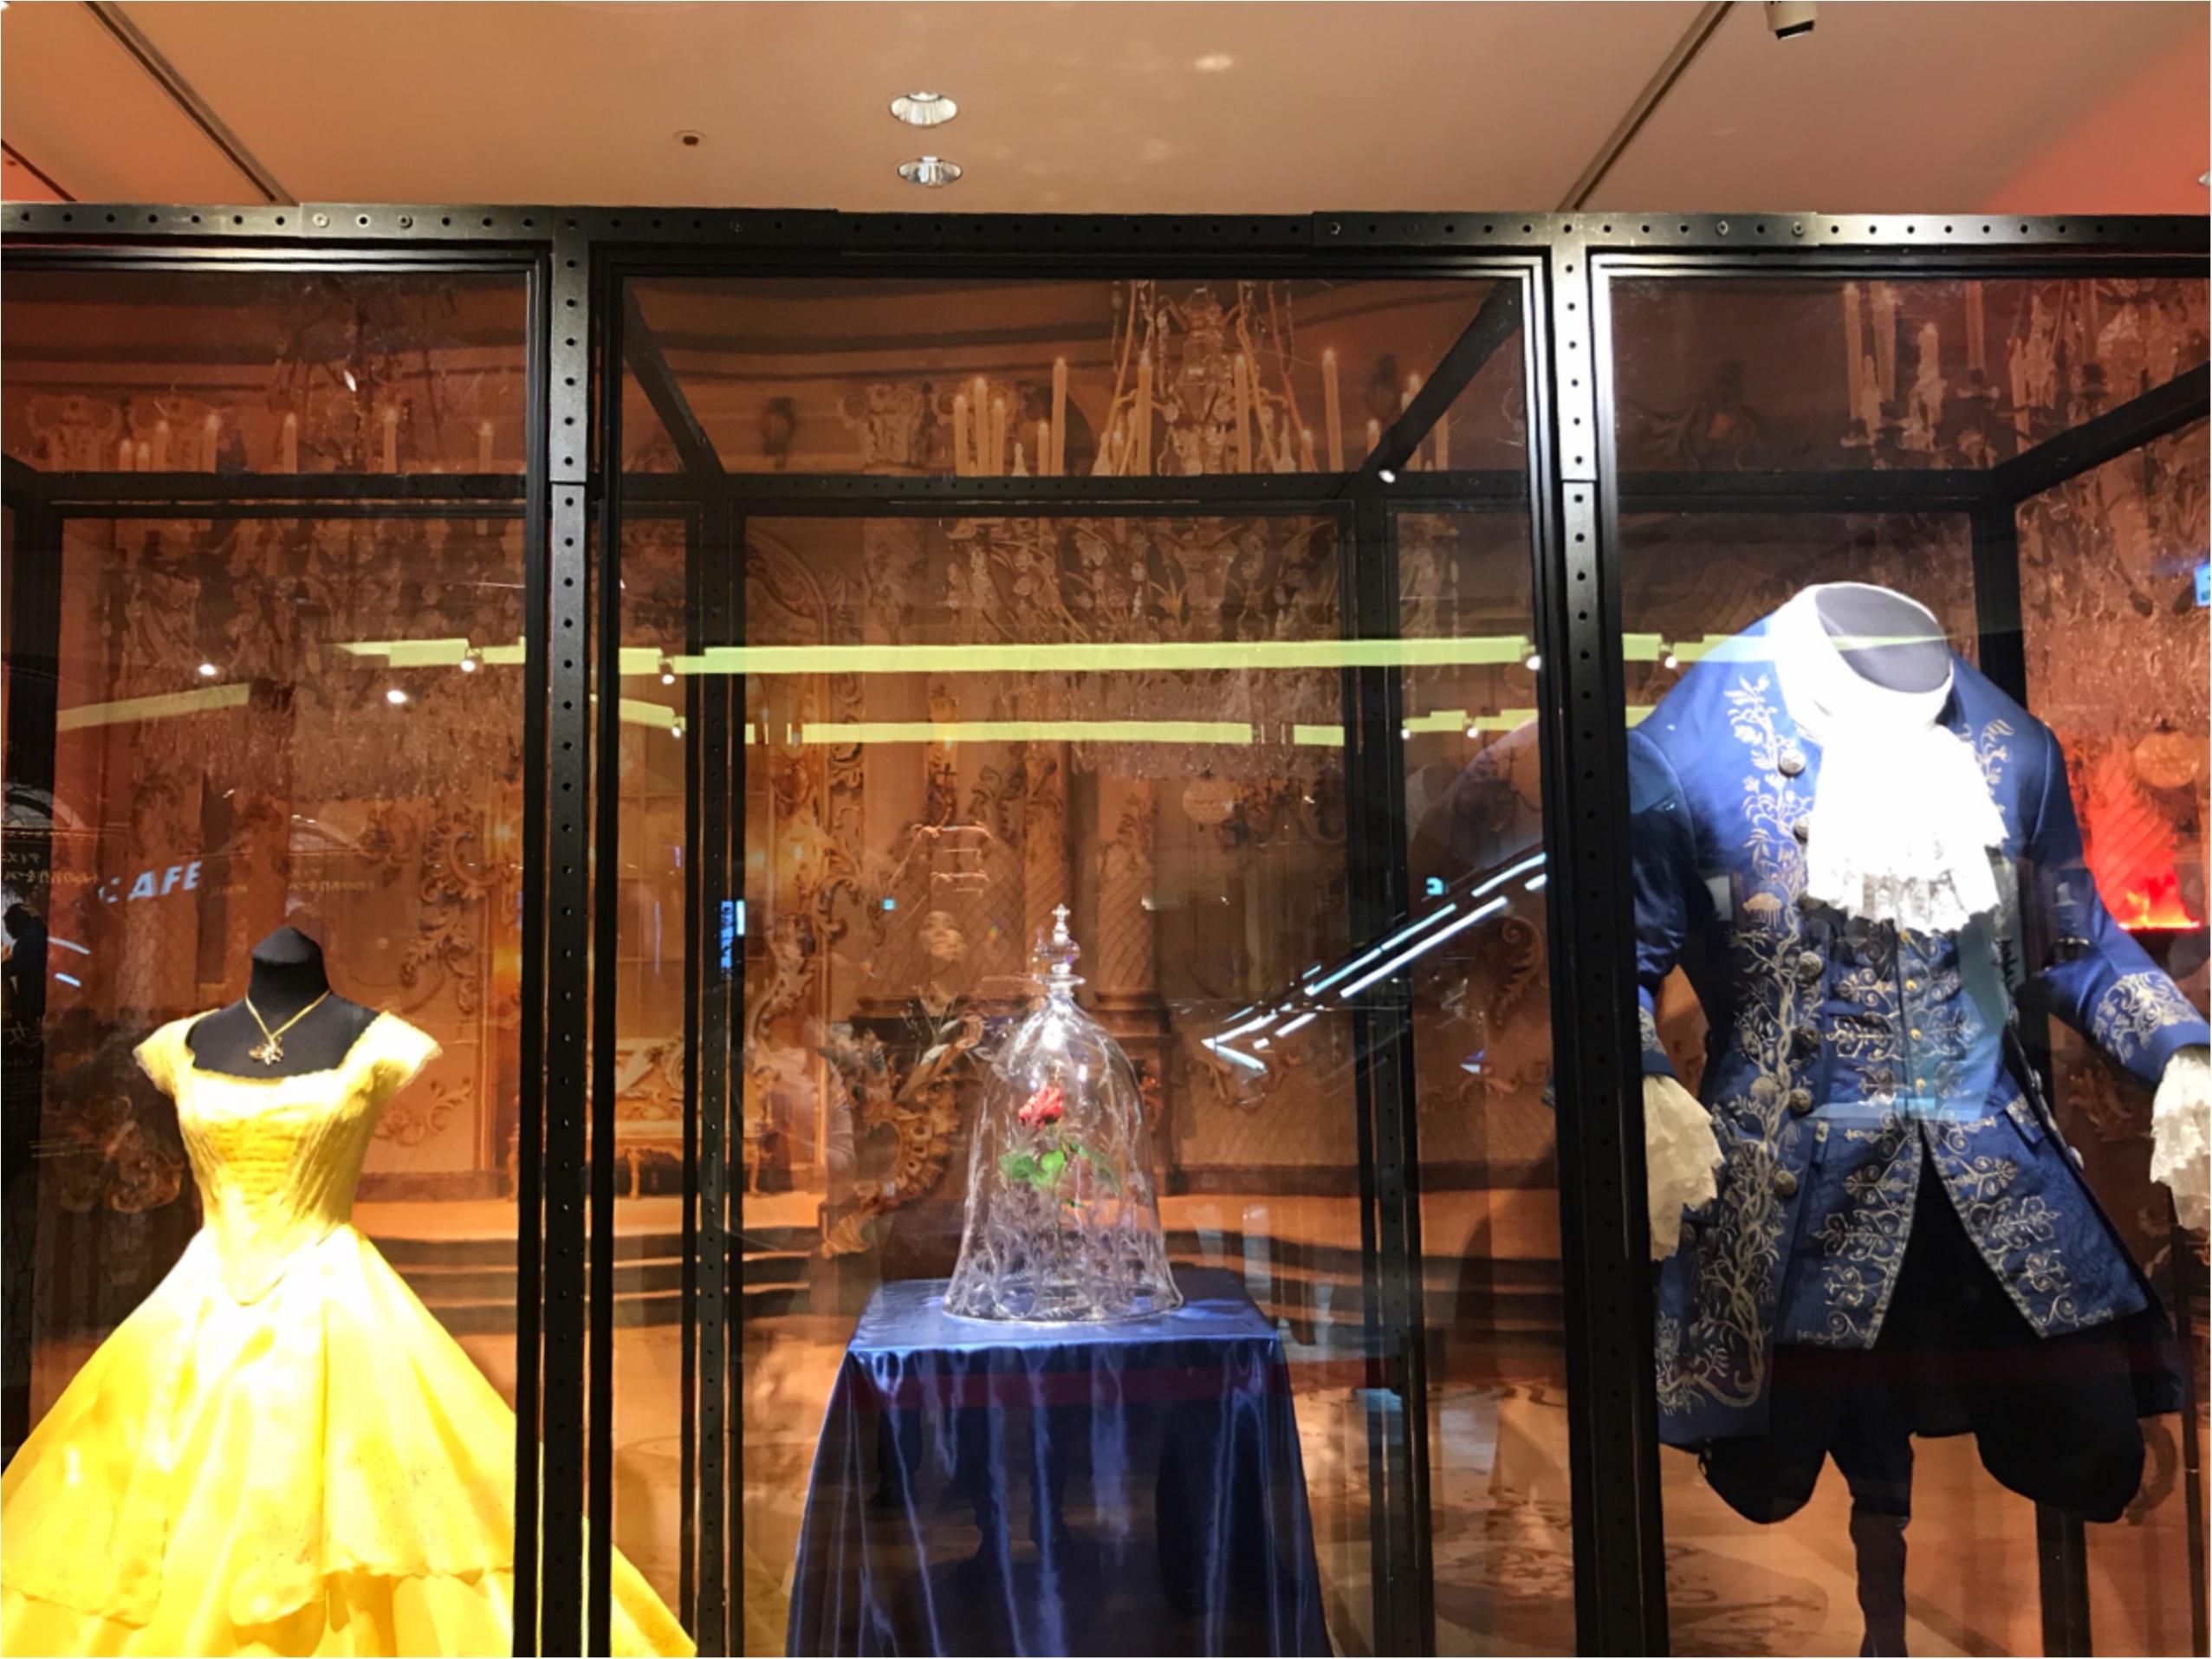 """【5/1まで!】""""美女と野獣""""を観たら銀座三越へ♡エマ・ワトソン着用衣装が見られるチャンスはあとわずか!_3"""